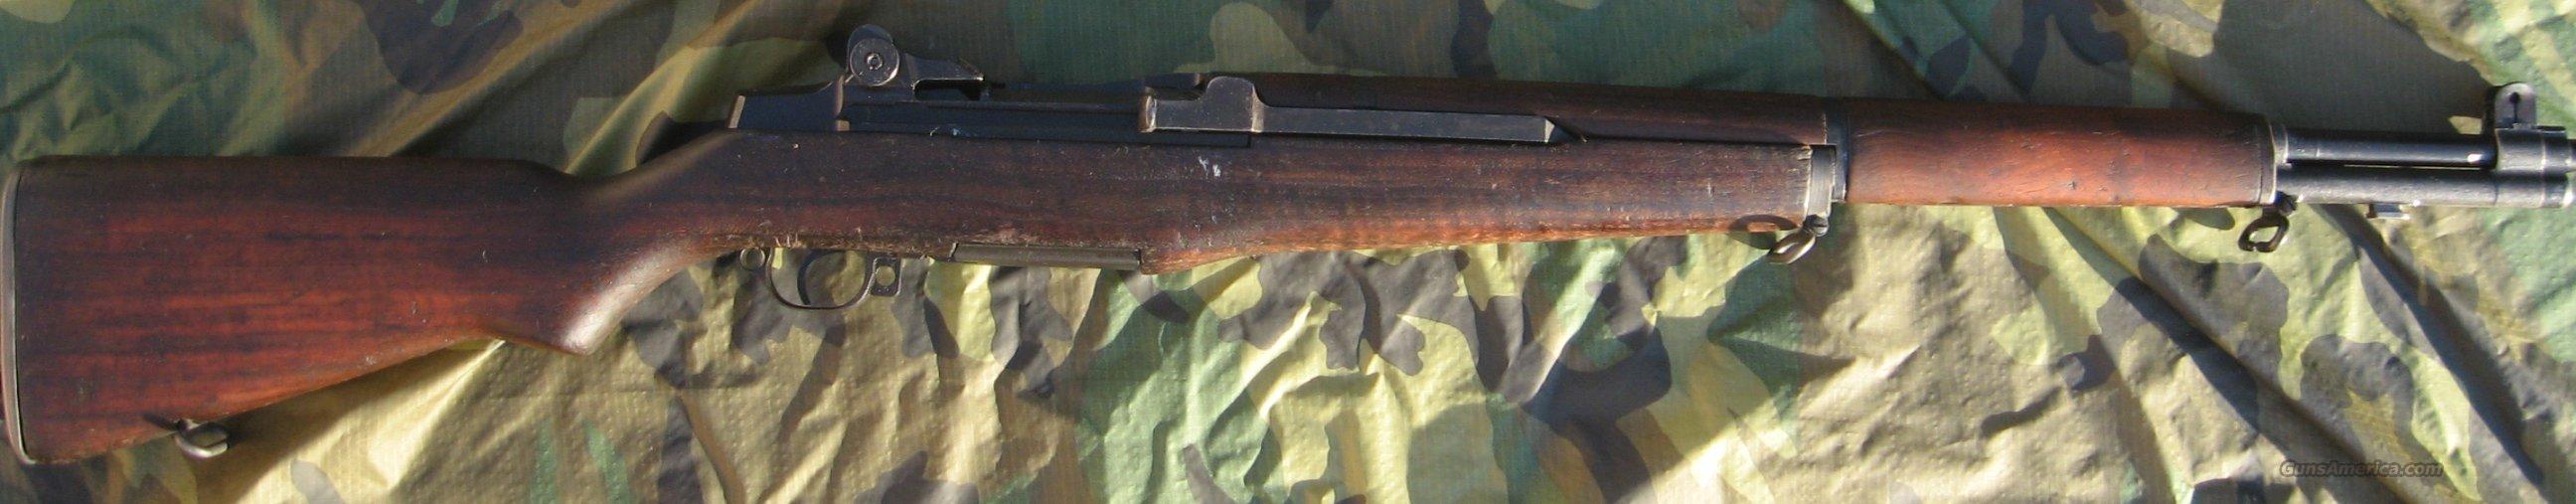 Garand US GI M1 Rifle  Guns > Rifles > Military Misc. Rifles US > M1 Garand